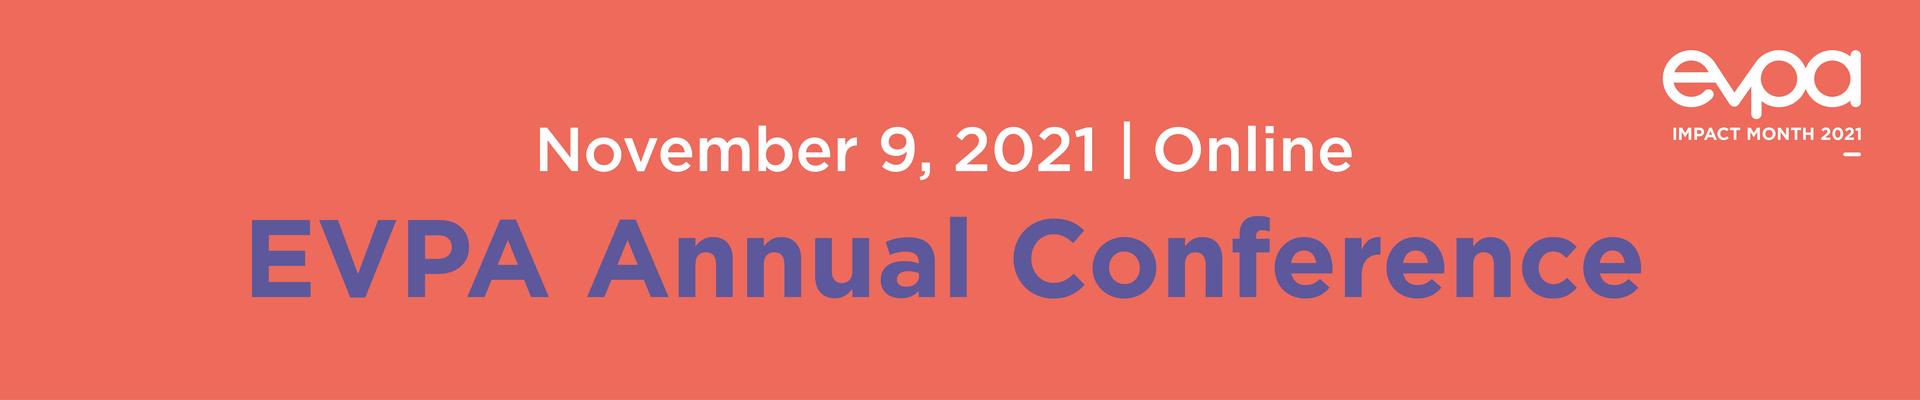 EVPA Annual Conference 2021